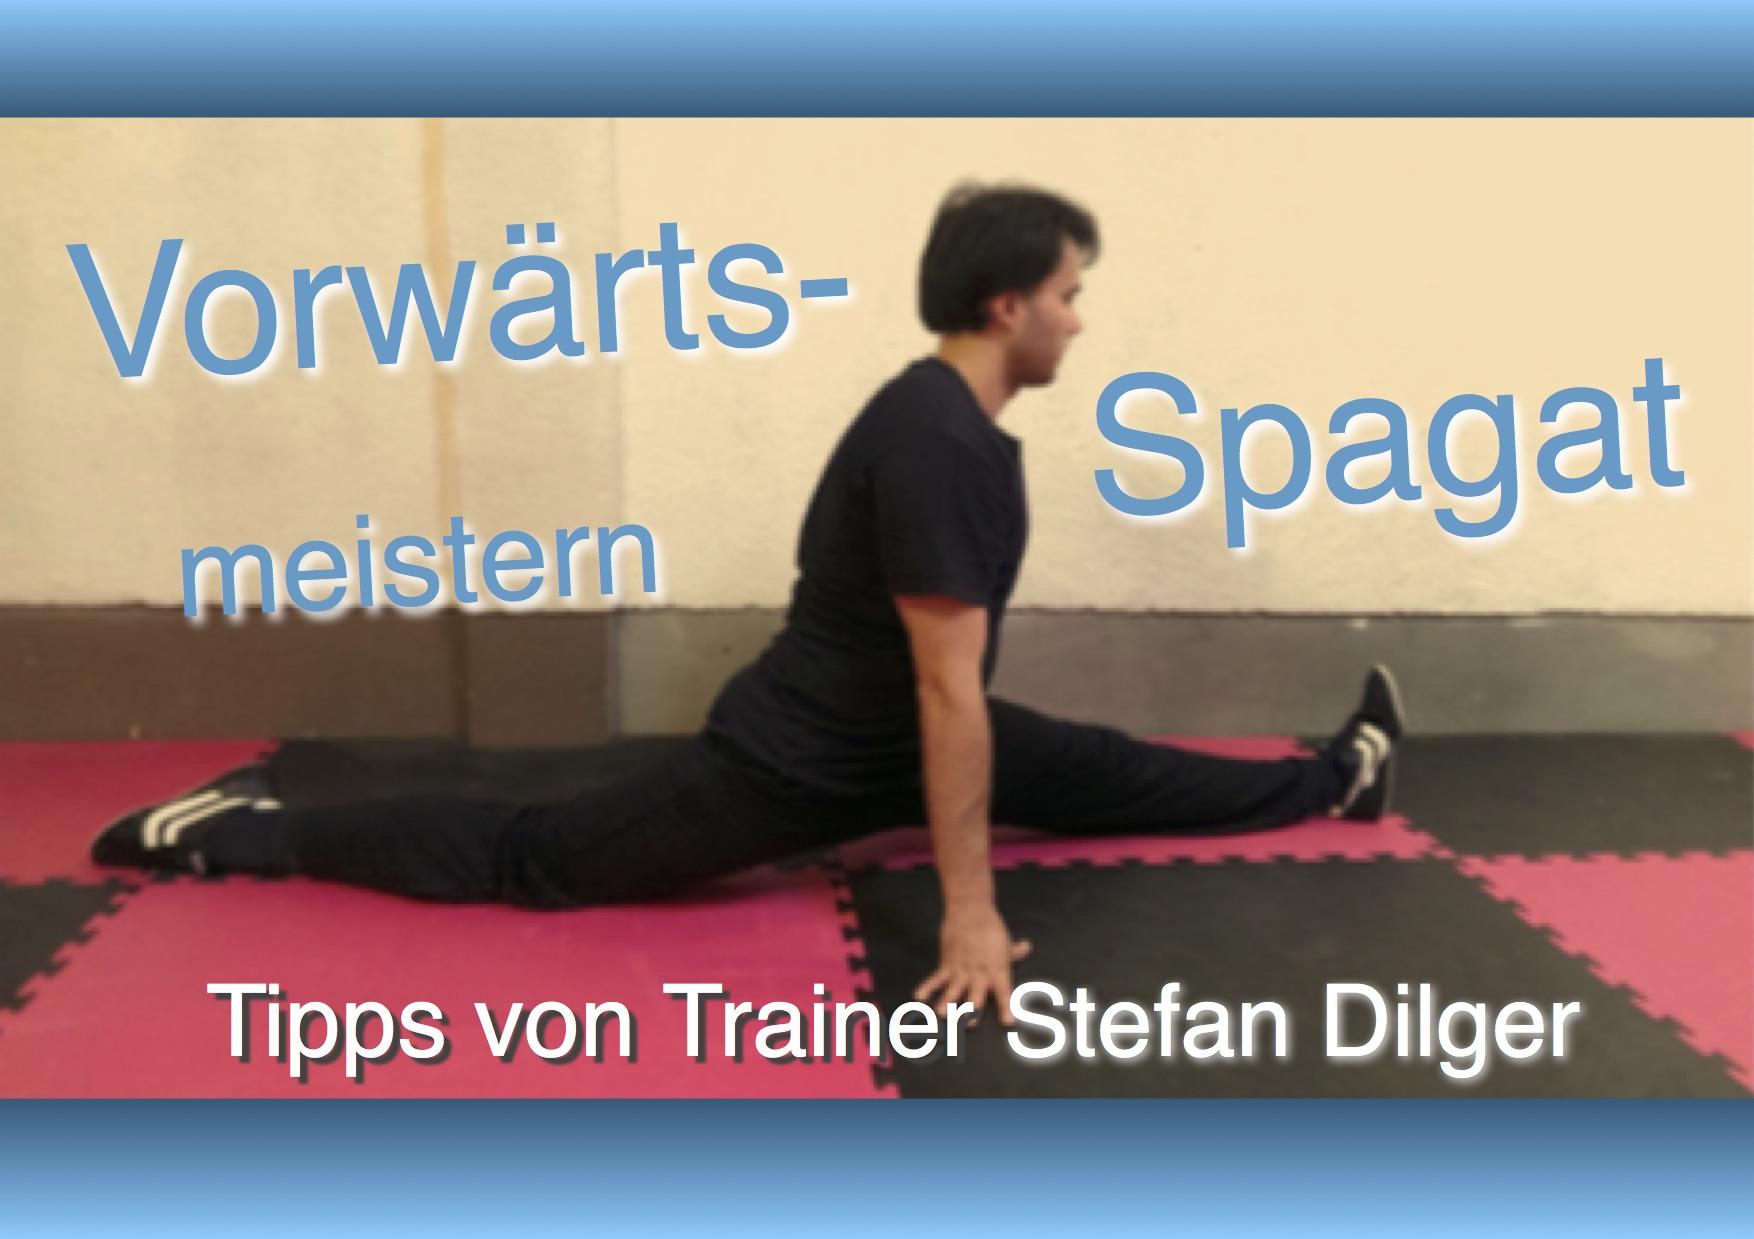 Trainingsplan für den Vorwärts-Spagat von Stefan Dilger